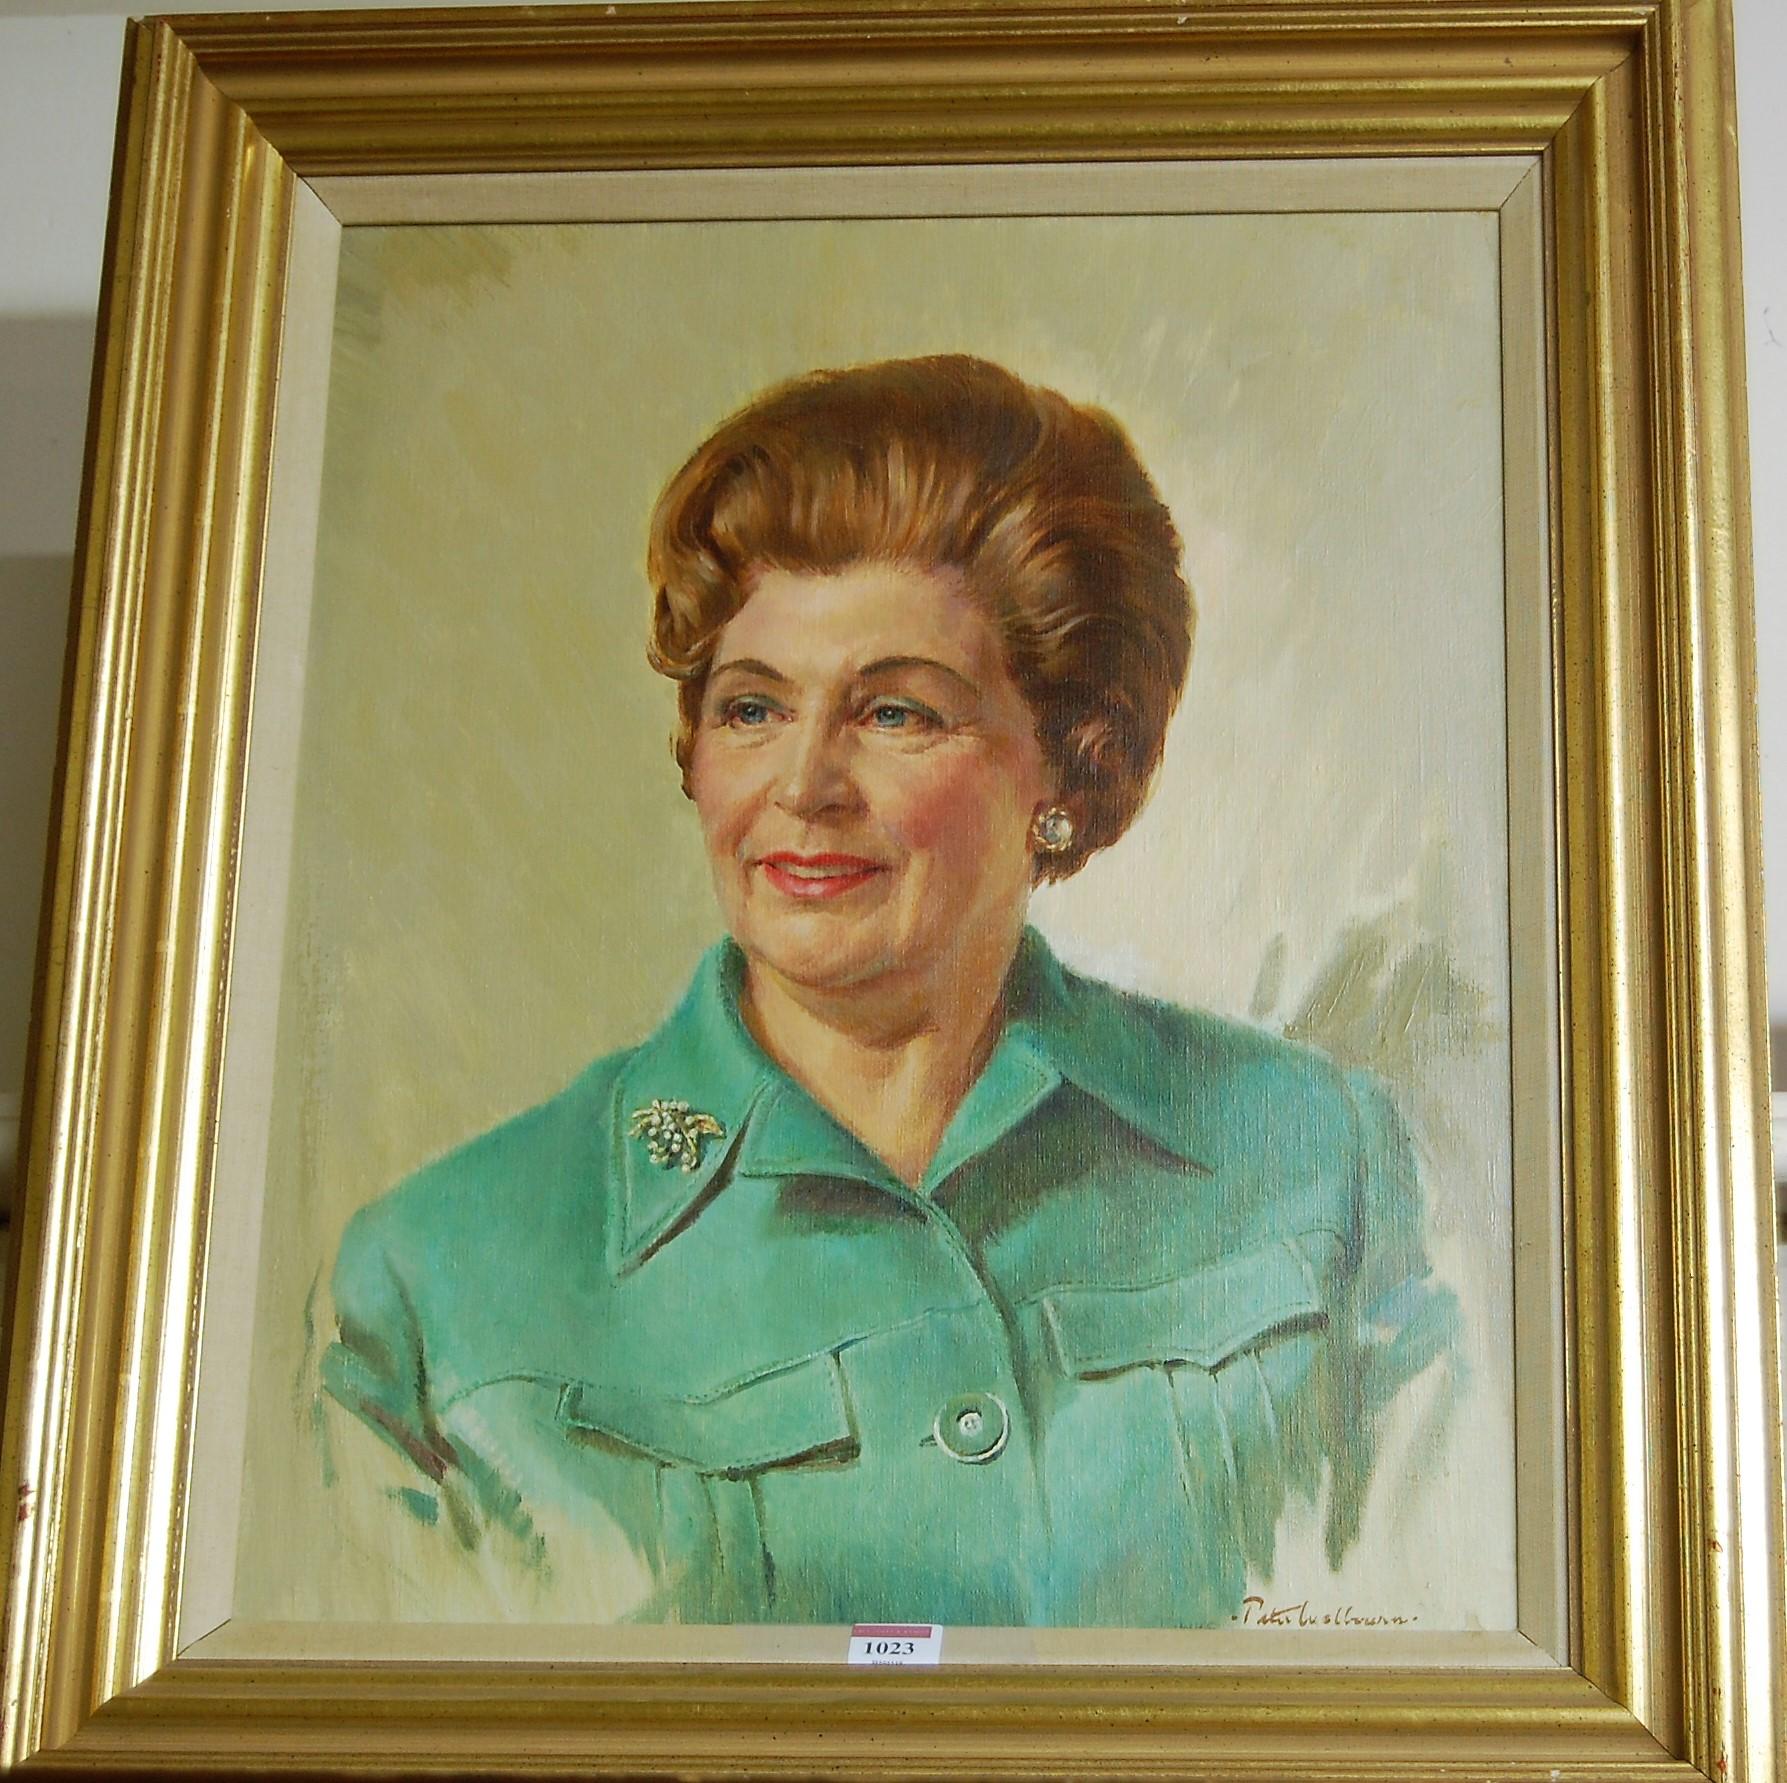 Lot 1023 - Peter Welbourn - Bust portrait study, oil on canvas, 54 x 44cm